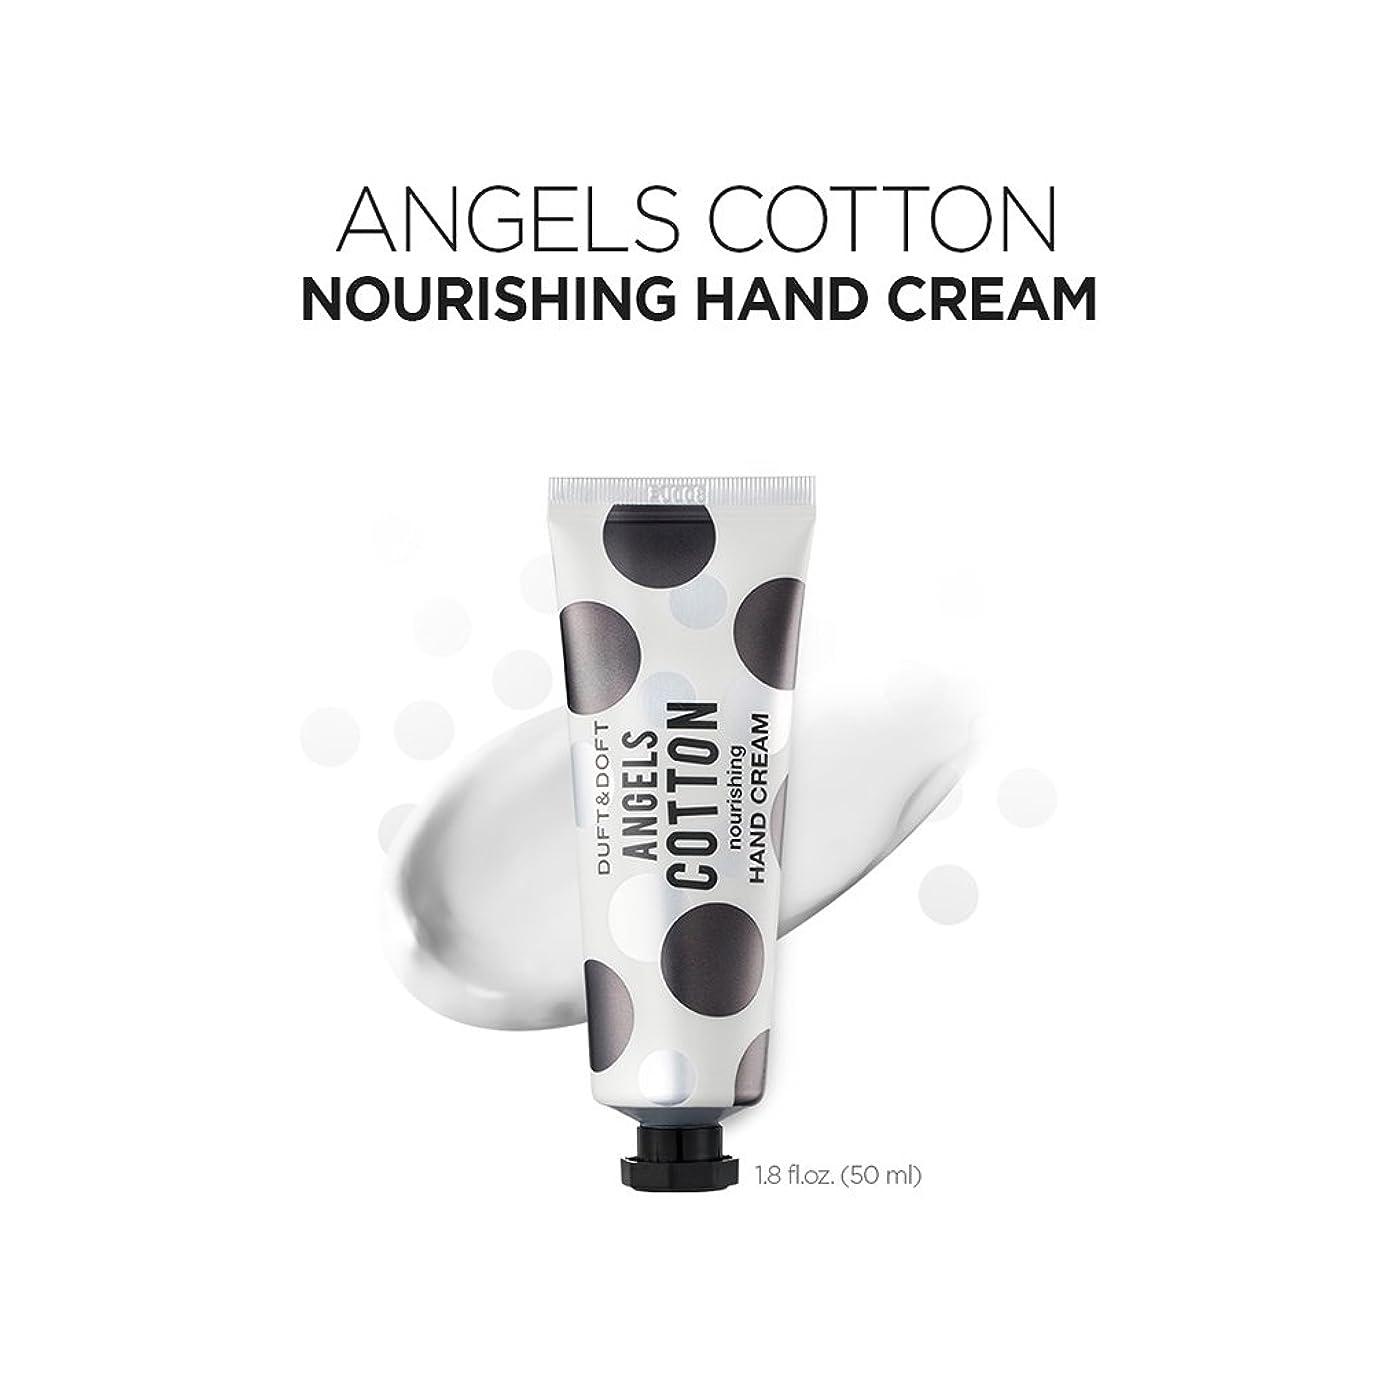 科学とにかく徒歩でゥフト&ドフト [DUFT&DOFT] エンジェルコットン ナリシング ハンドクリーム Angel Cotton Nourishing Hand Cream (50ml + 50ml) / 韓国製 韓国直送品